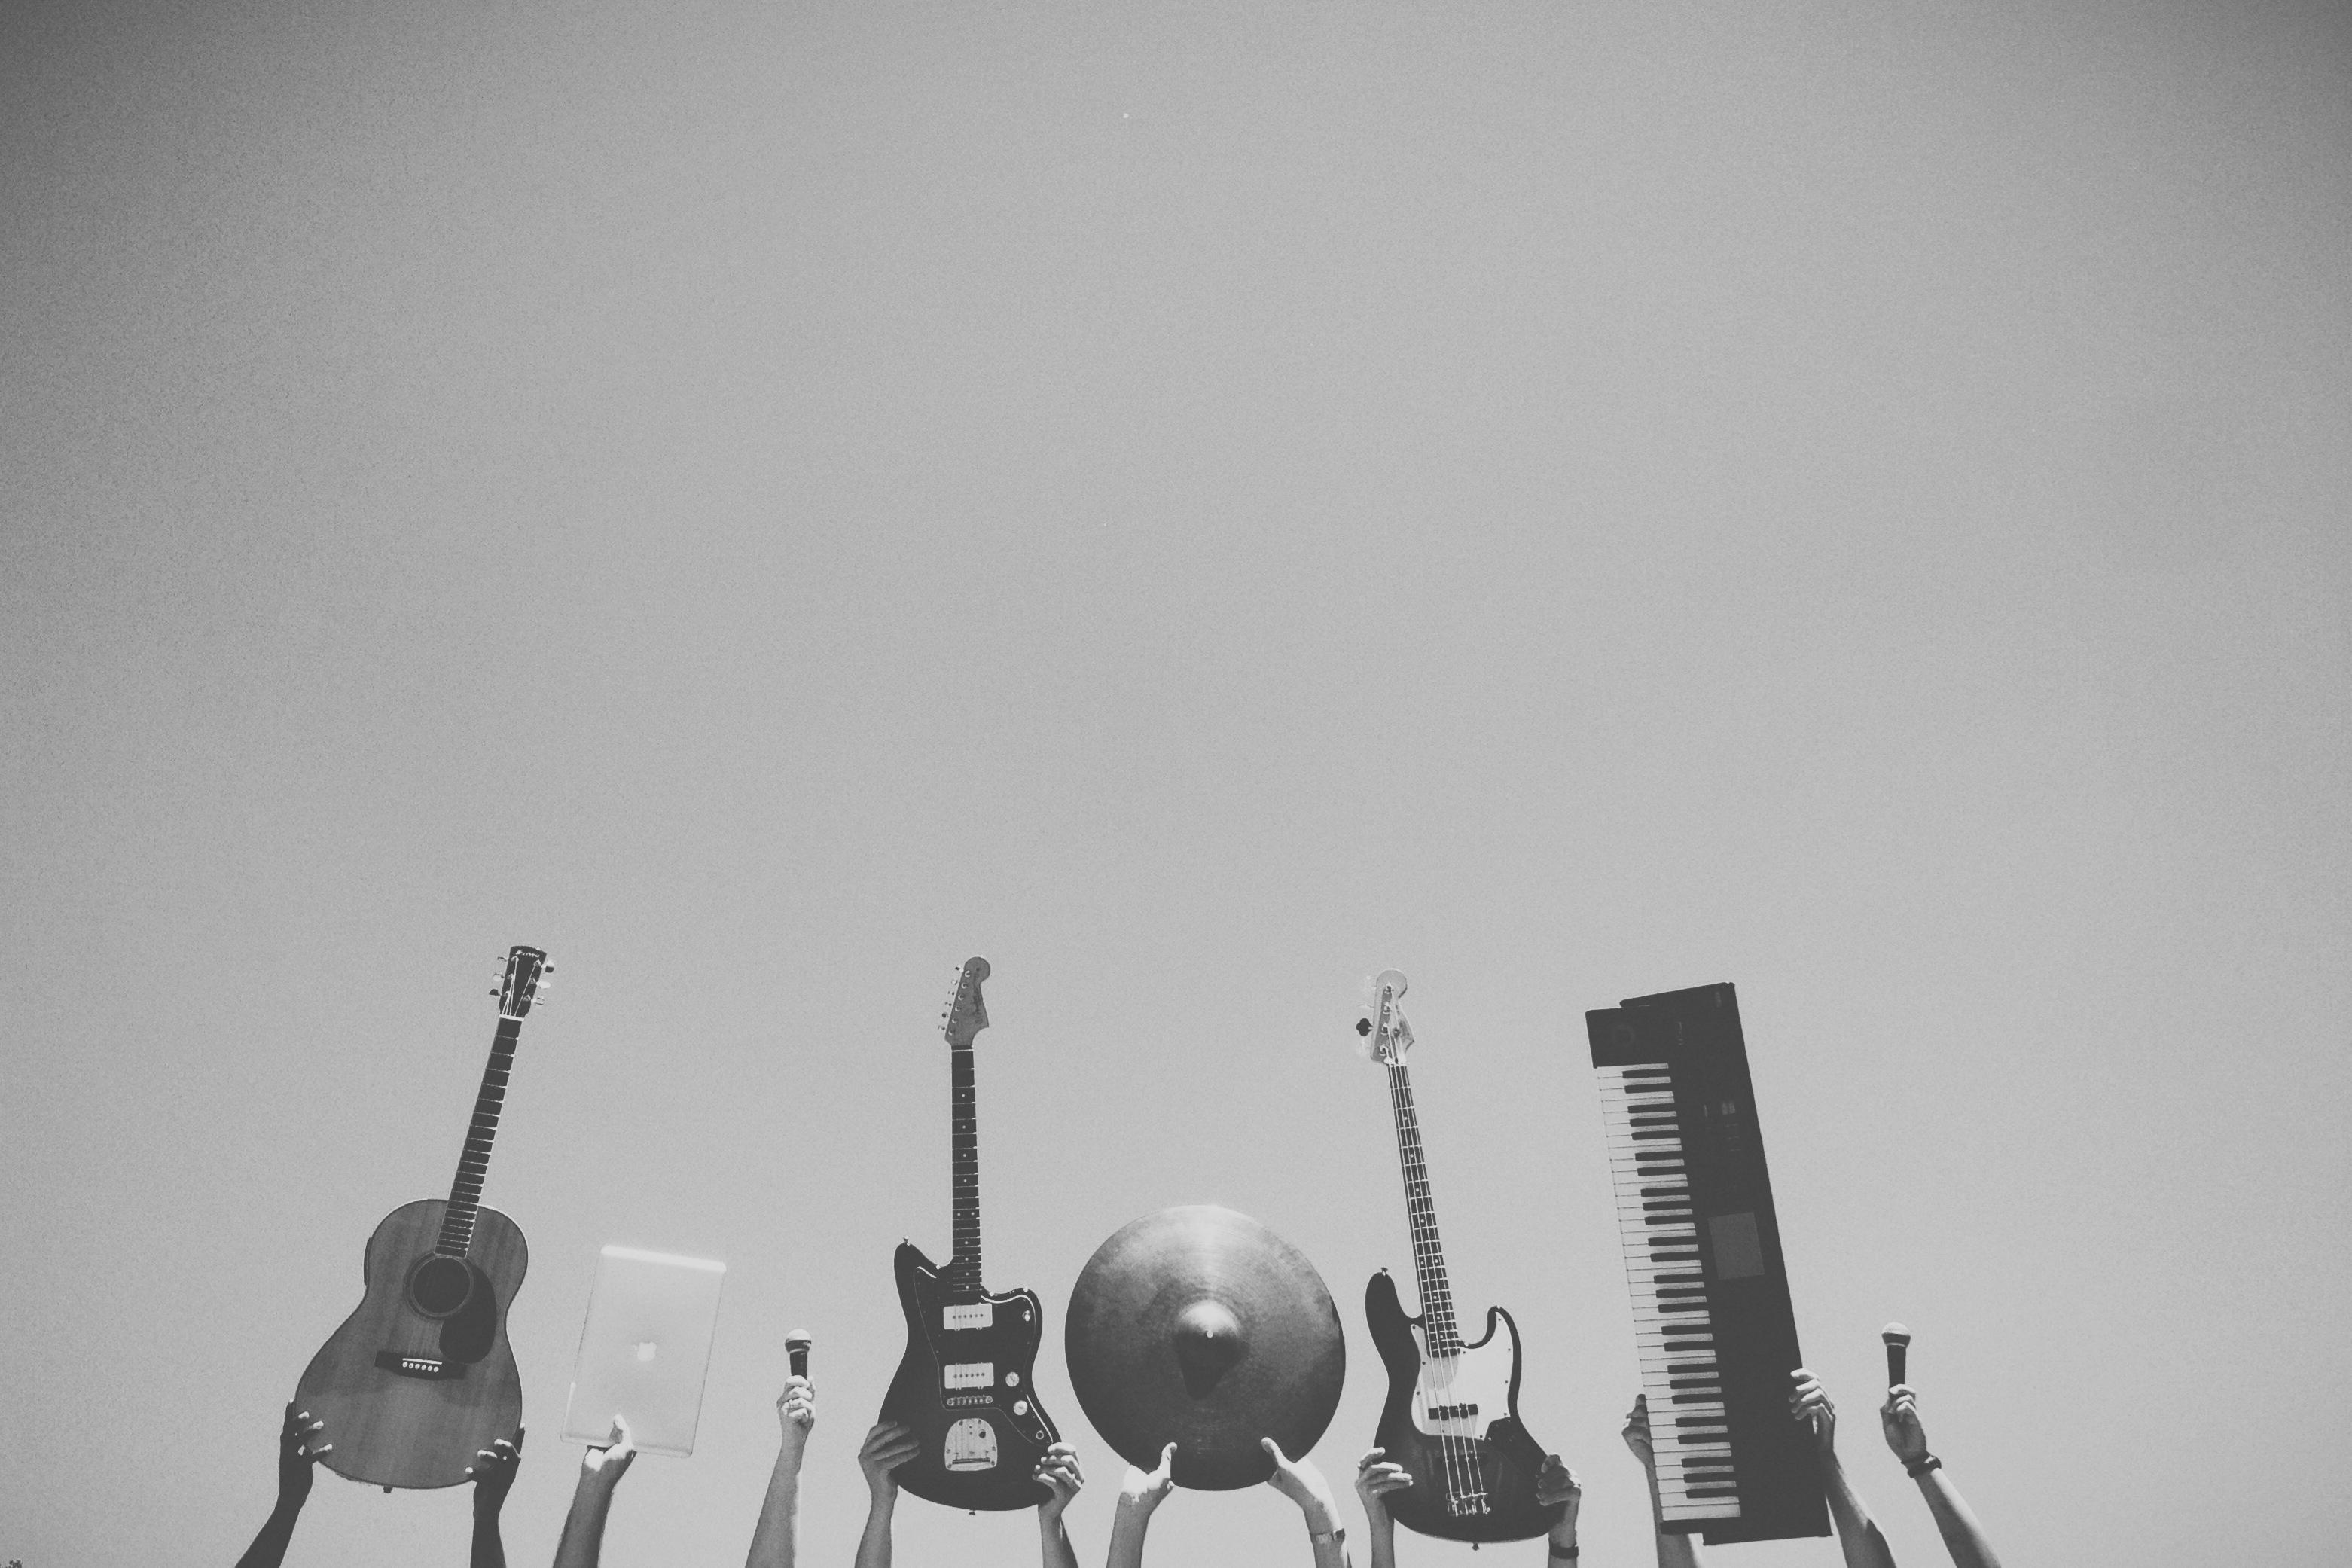 librairie musicale selon l'instrument